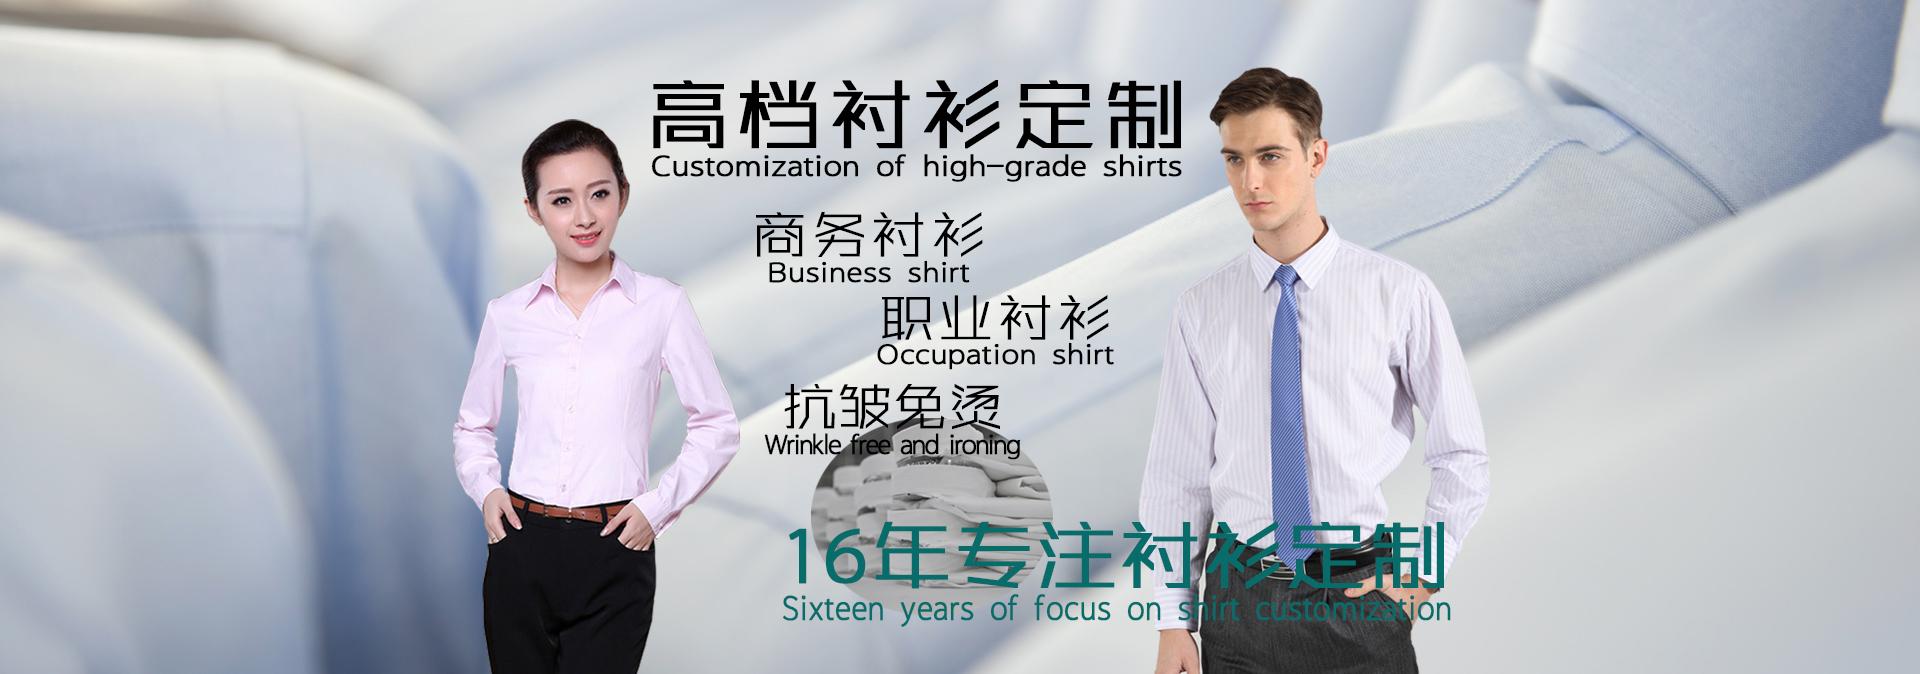 衬衫定制-定制衬衫-订做衬衫工厂-衬衫贴牌工厂家